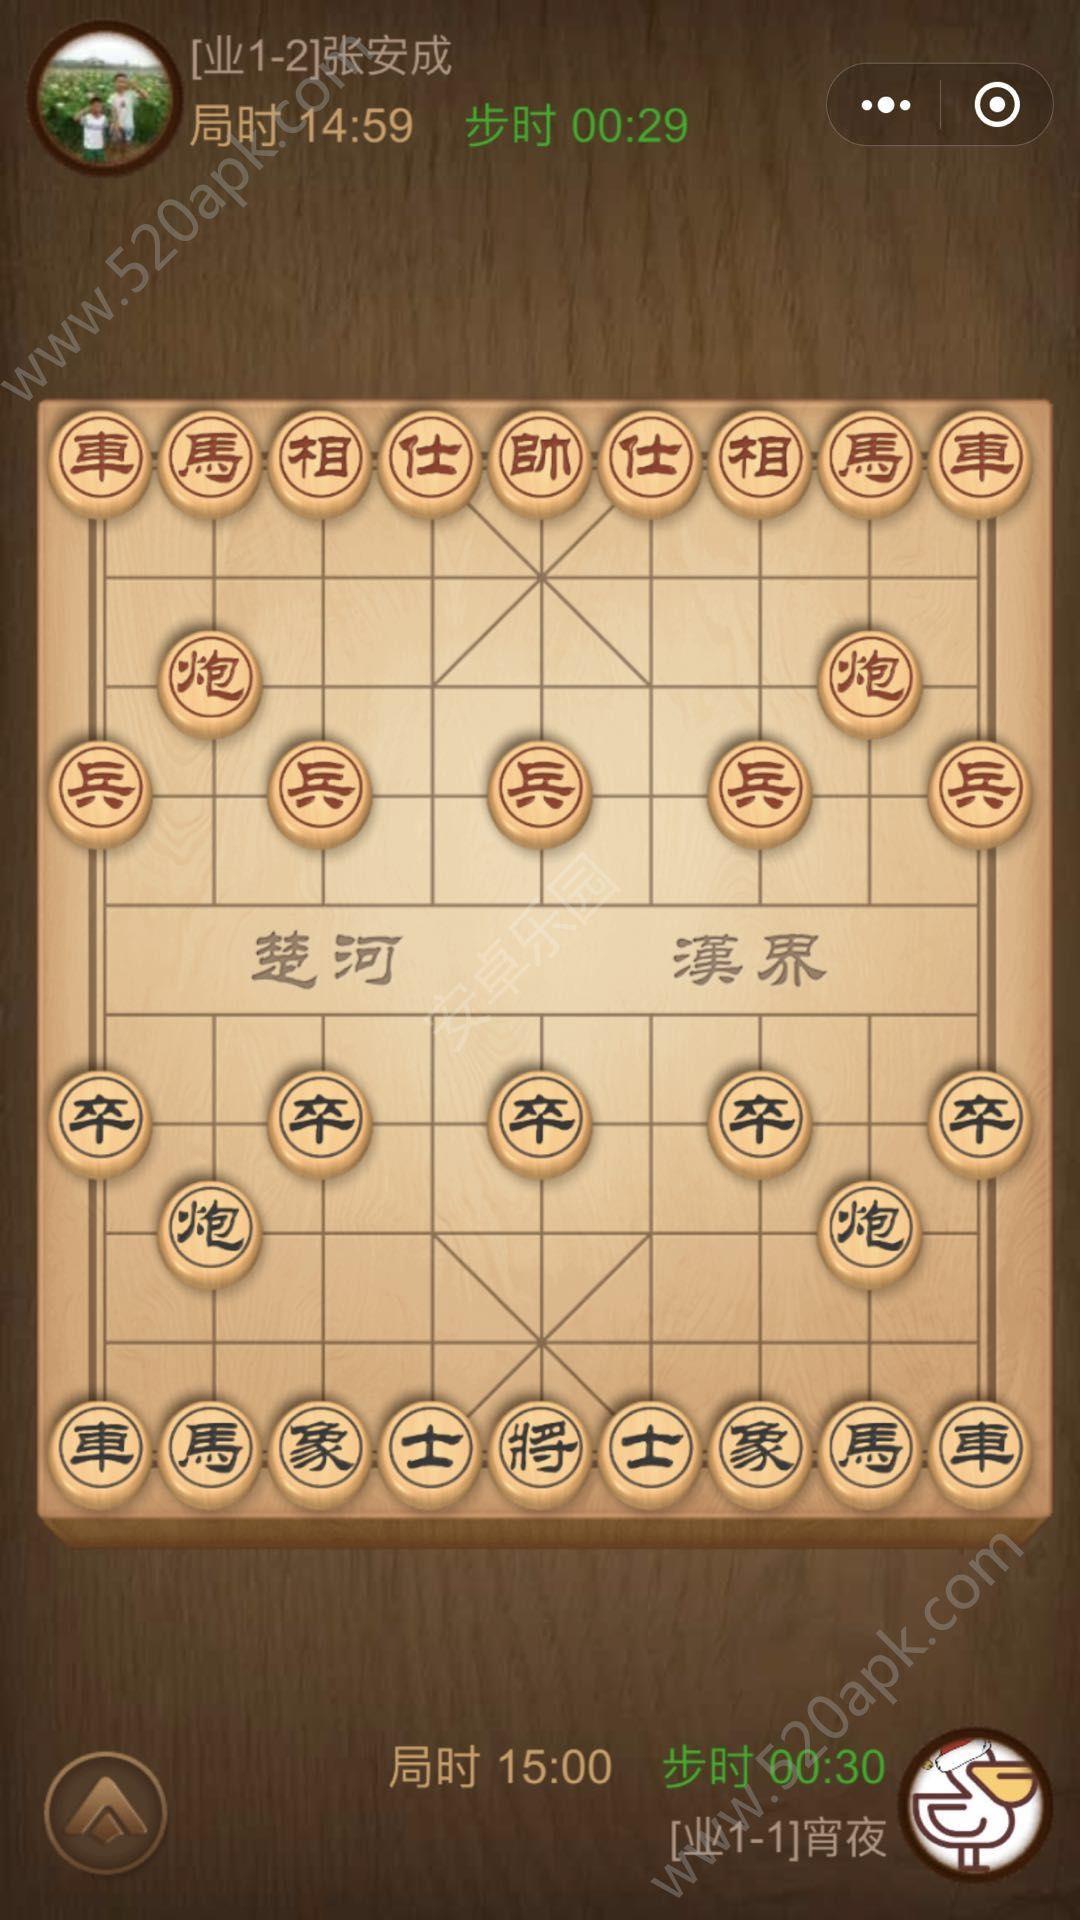 微信腾讯中国象棋游戏官网下最新安卓版图3: